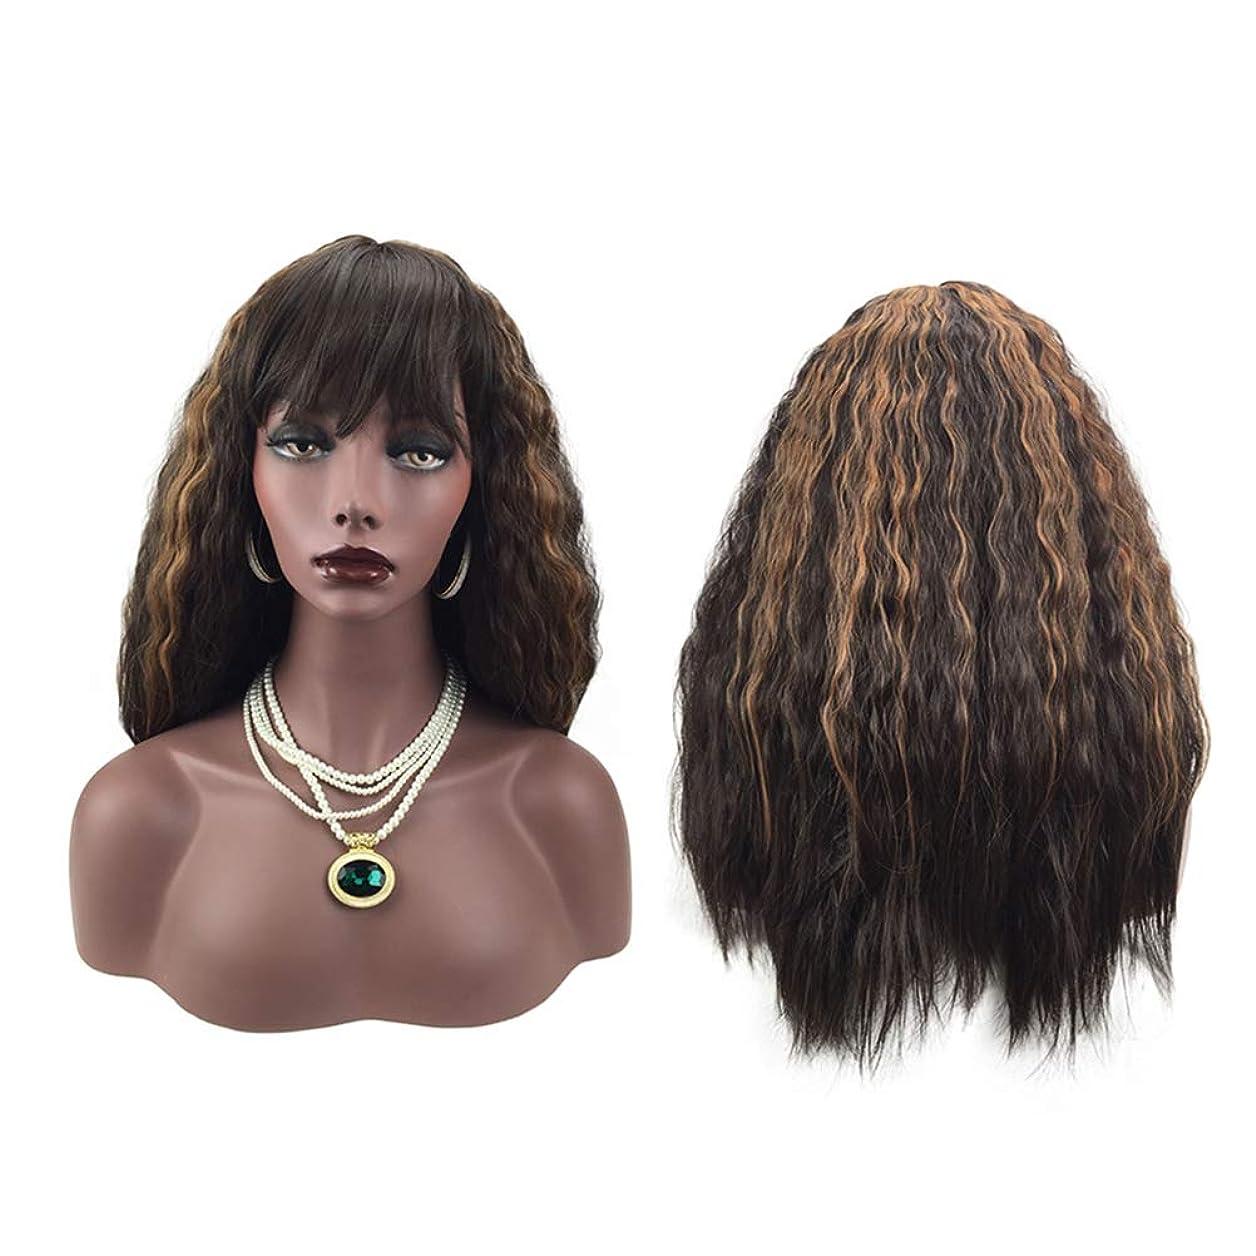 歴史的軽入札女性のファッションの長い巻き毛のかつら自然な探している絶妙な弾性ネットかつらカバー(66191)